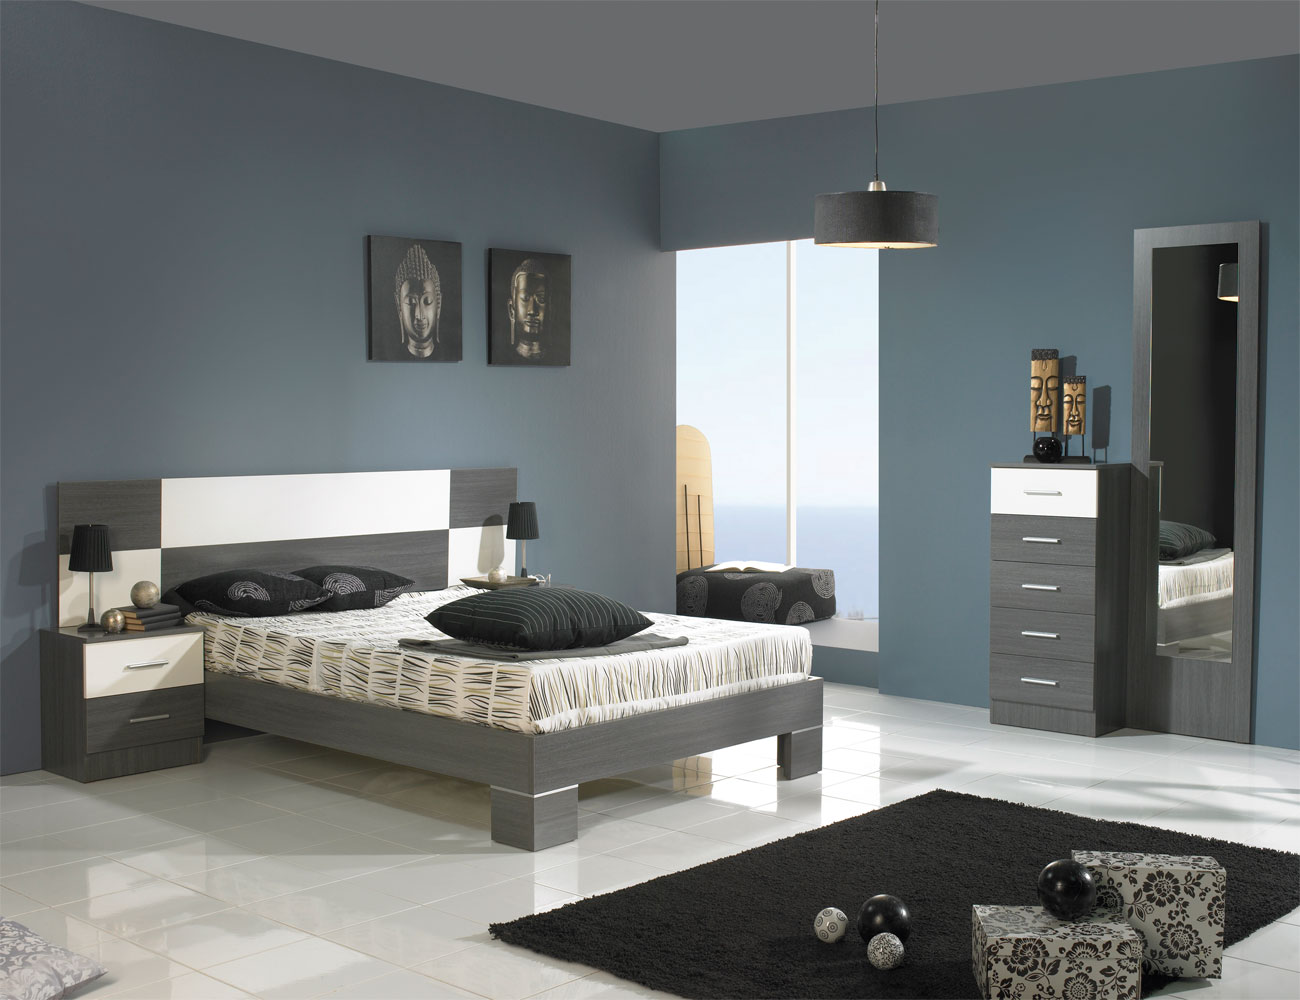 Dormitorio matrimonio estilo moderno ava ceniza blanco1